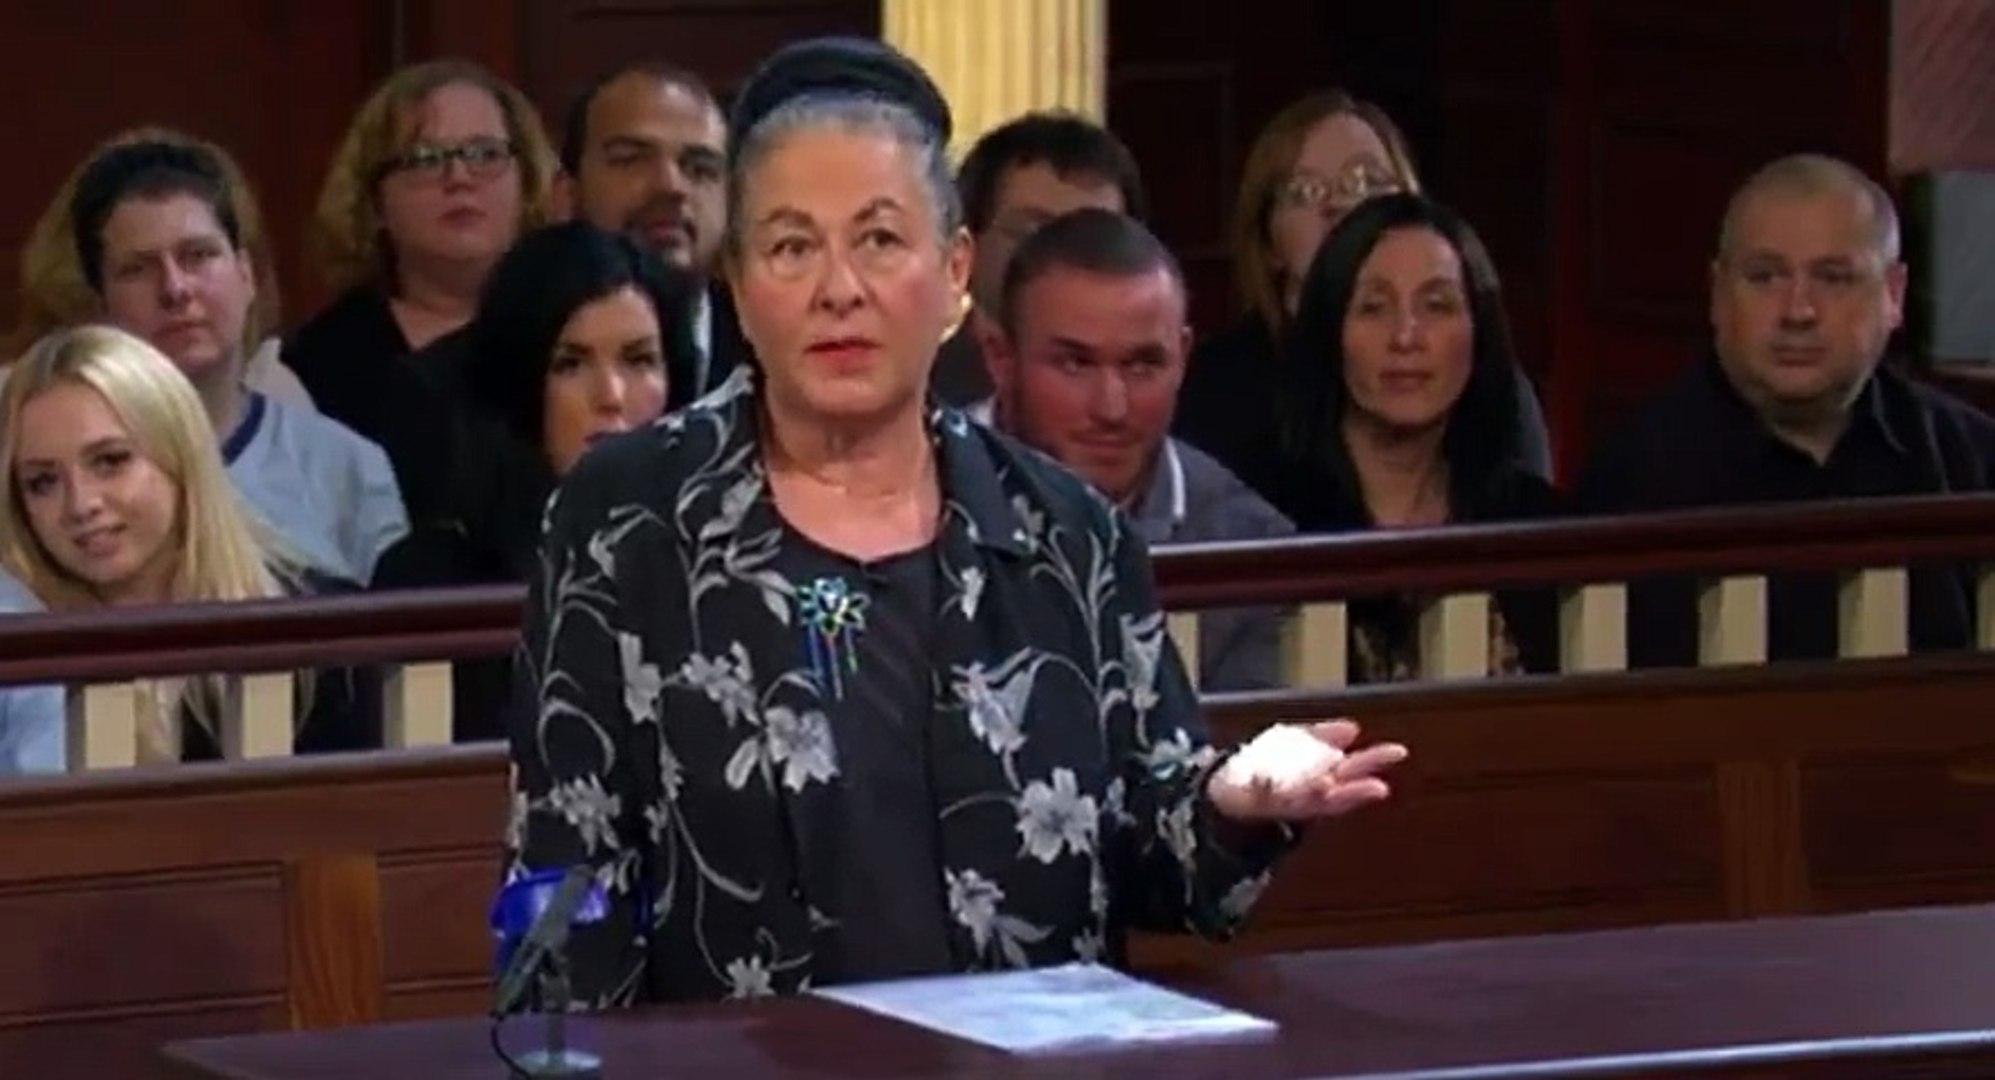 Judge Rinder S01 - Ep09 Marcel V Jonathan, Lauren V Iain, Sophia V Vicky HD Watch